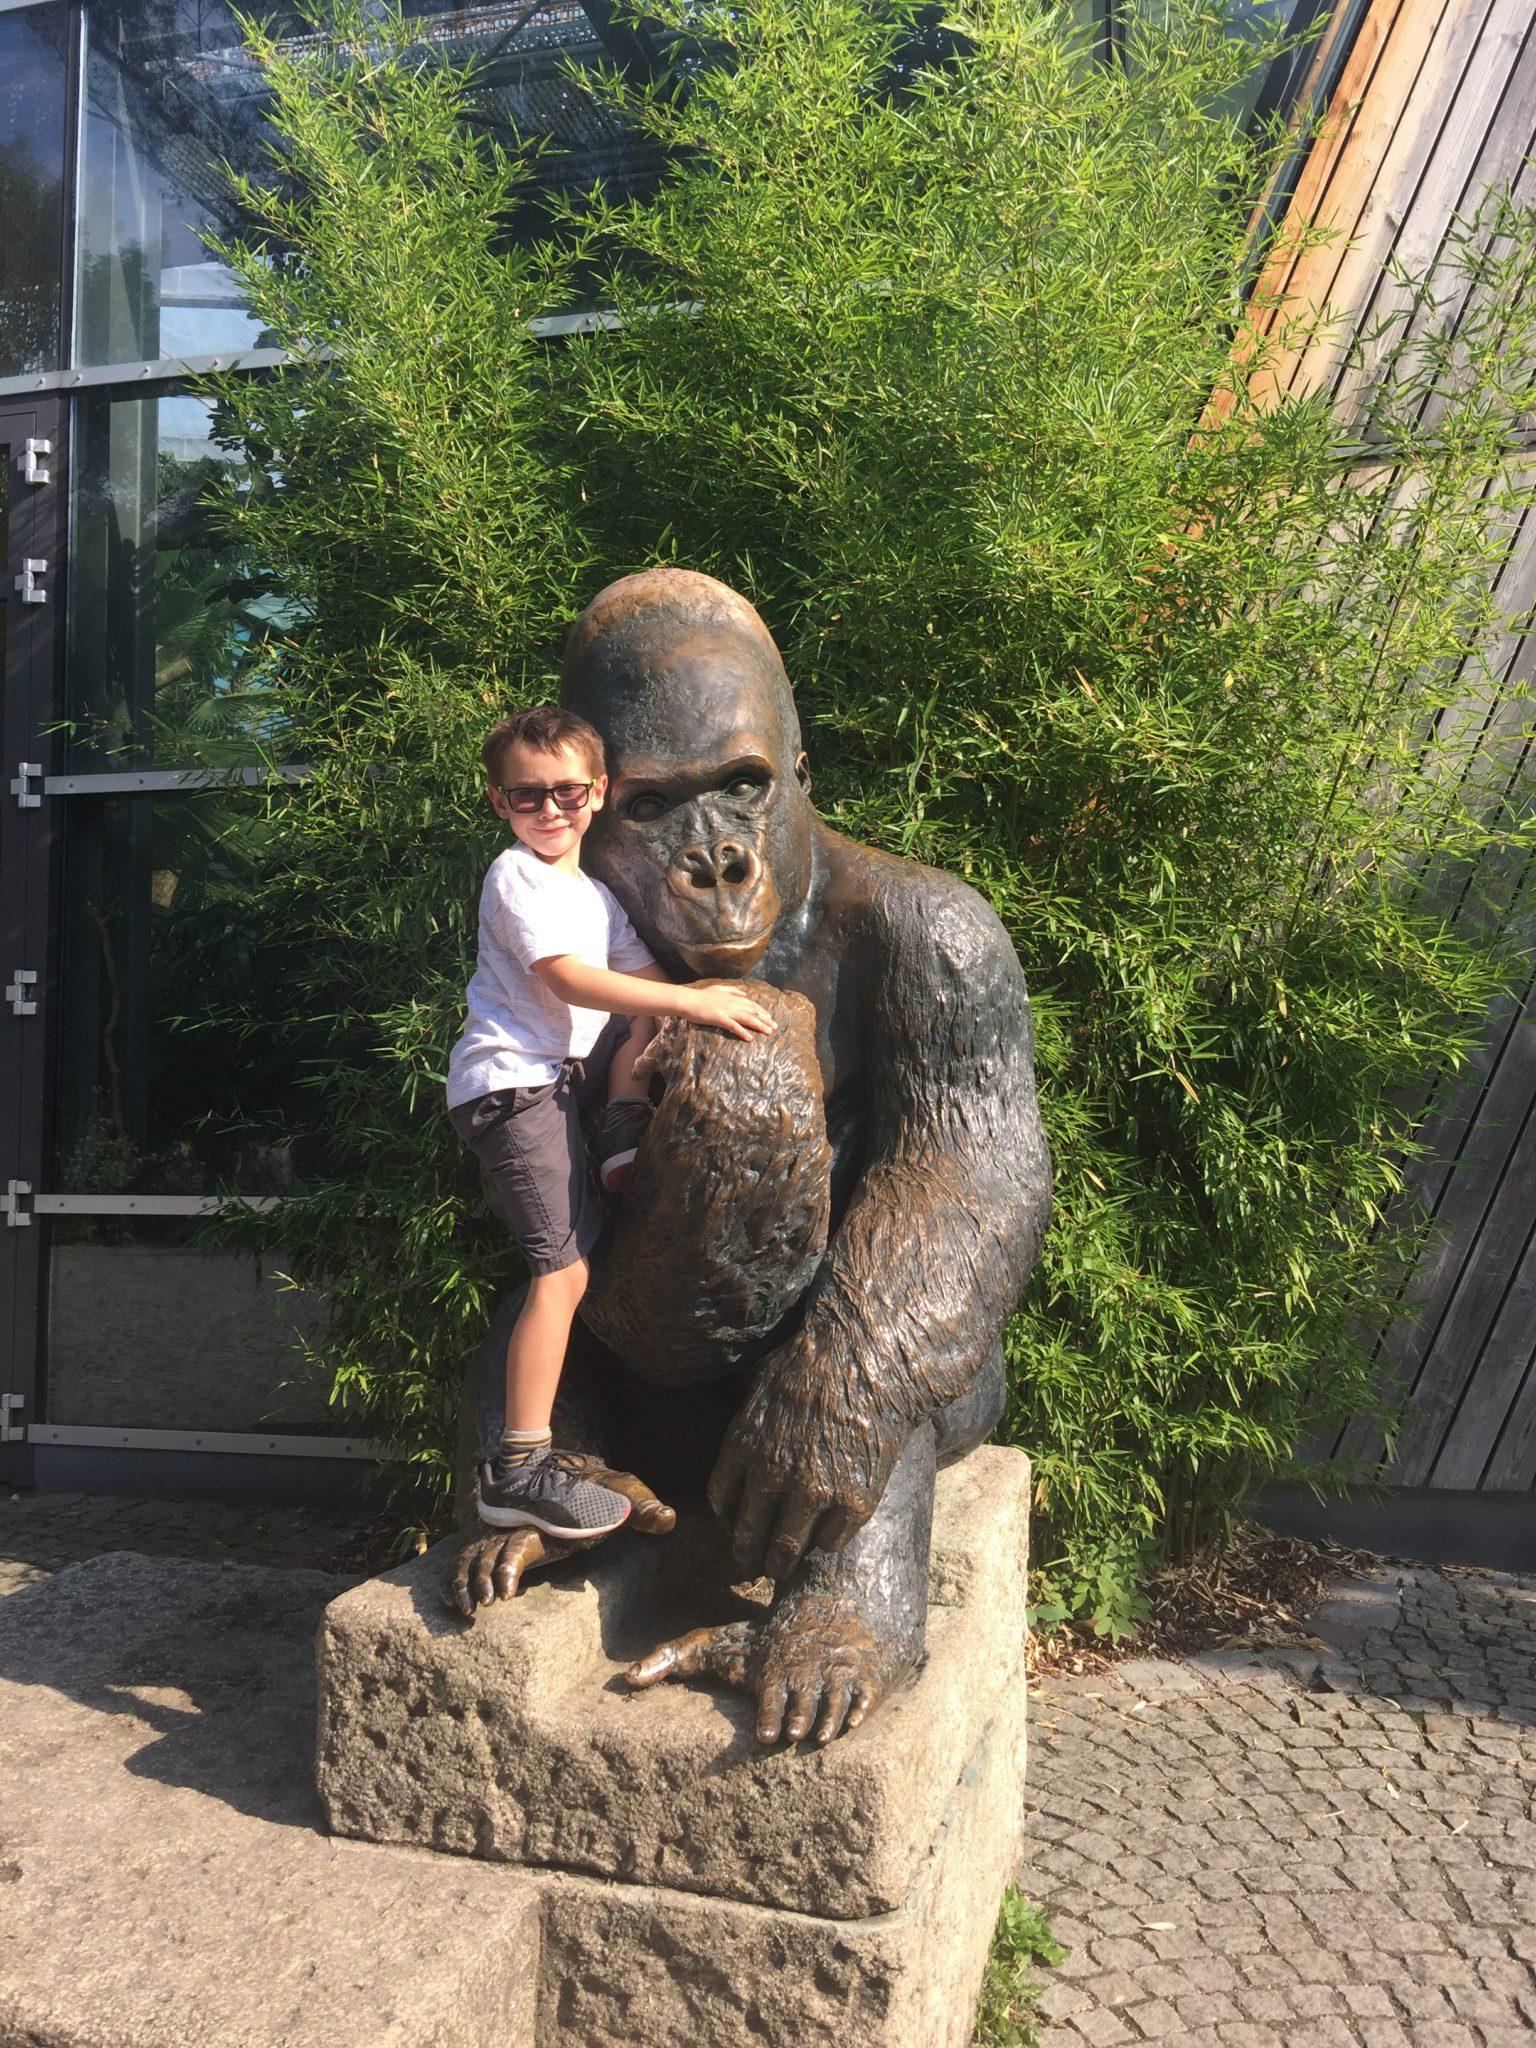 Hellabrunn Zoo, Munich